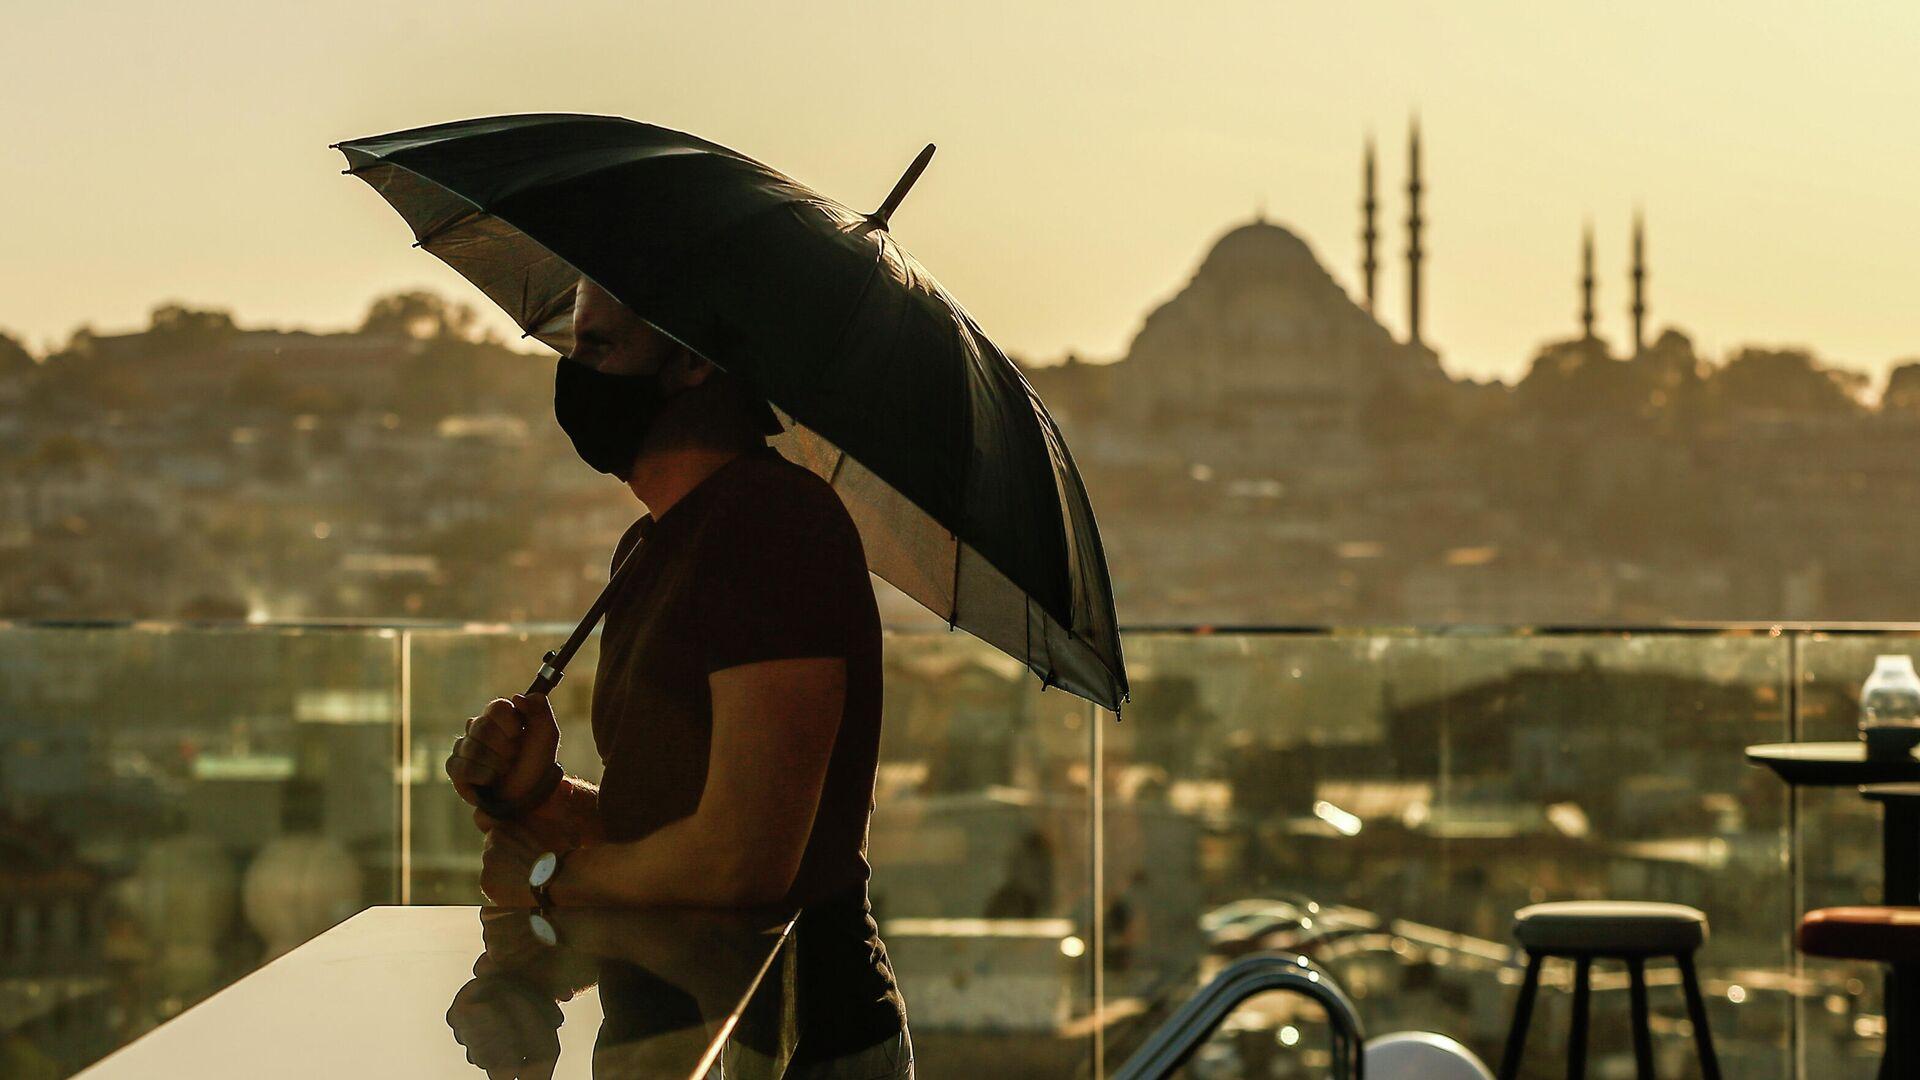 Турист в защитной маске в Стамбуле  - РИА Новости, 1920, 16.06.2021